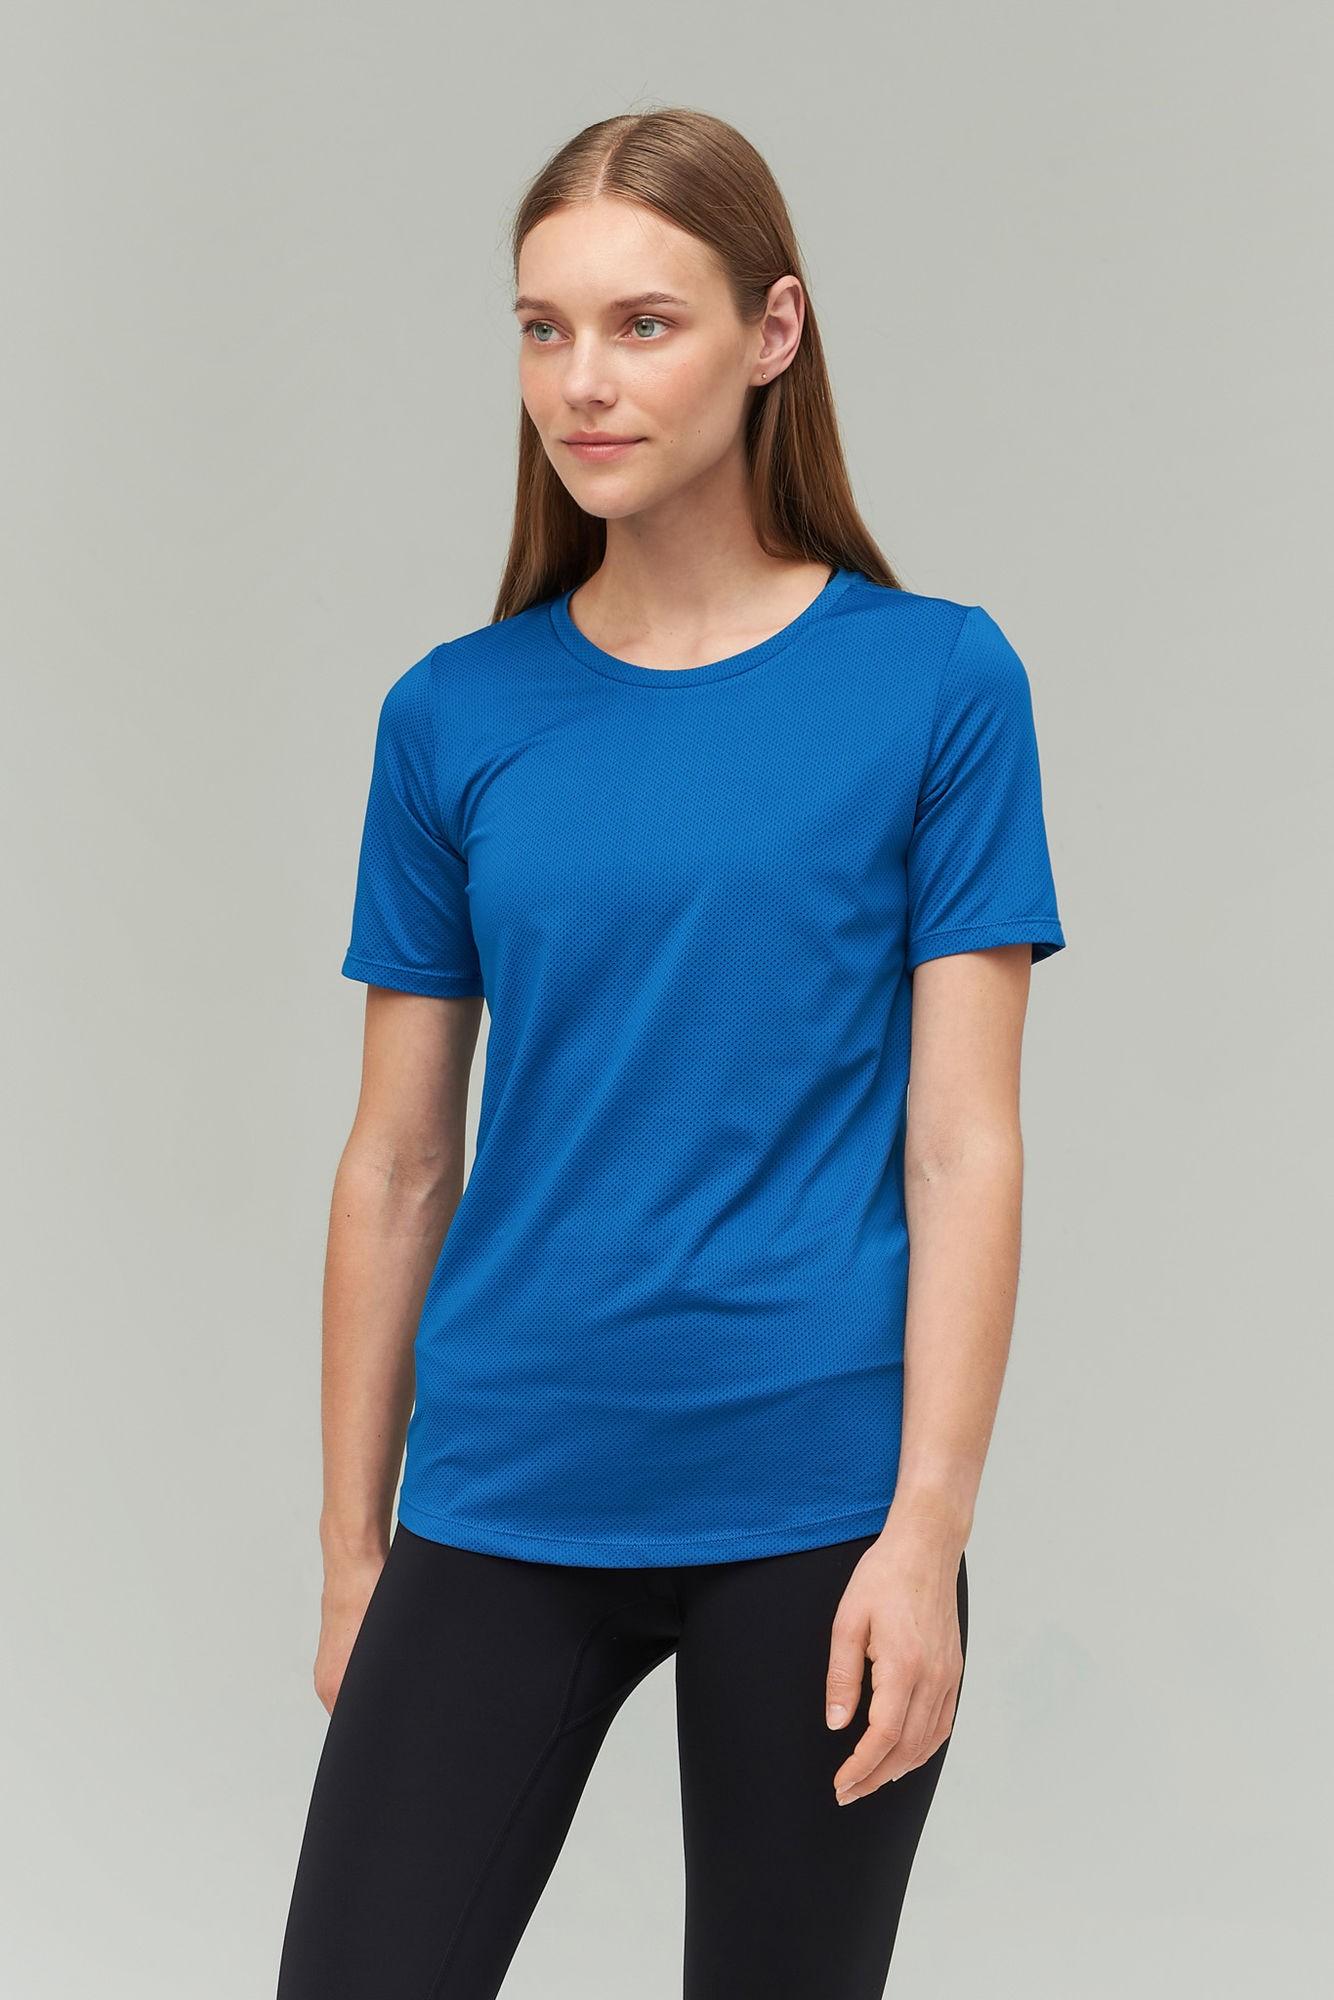 AUDIMAS Lengvi funkcionalūs marškinėliai 2021-245 Blue Sapphire XS